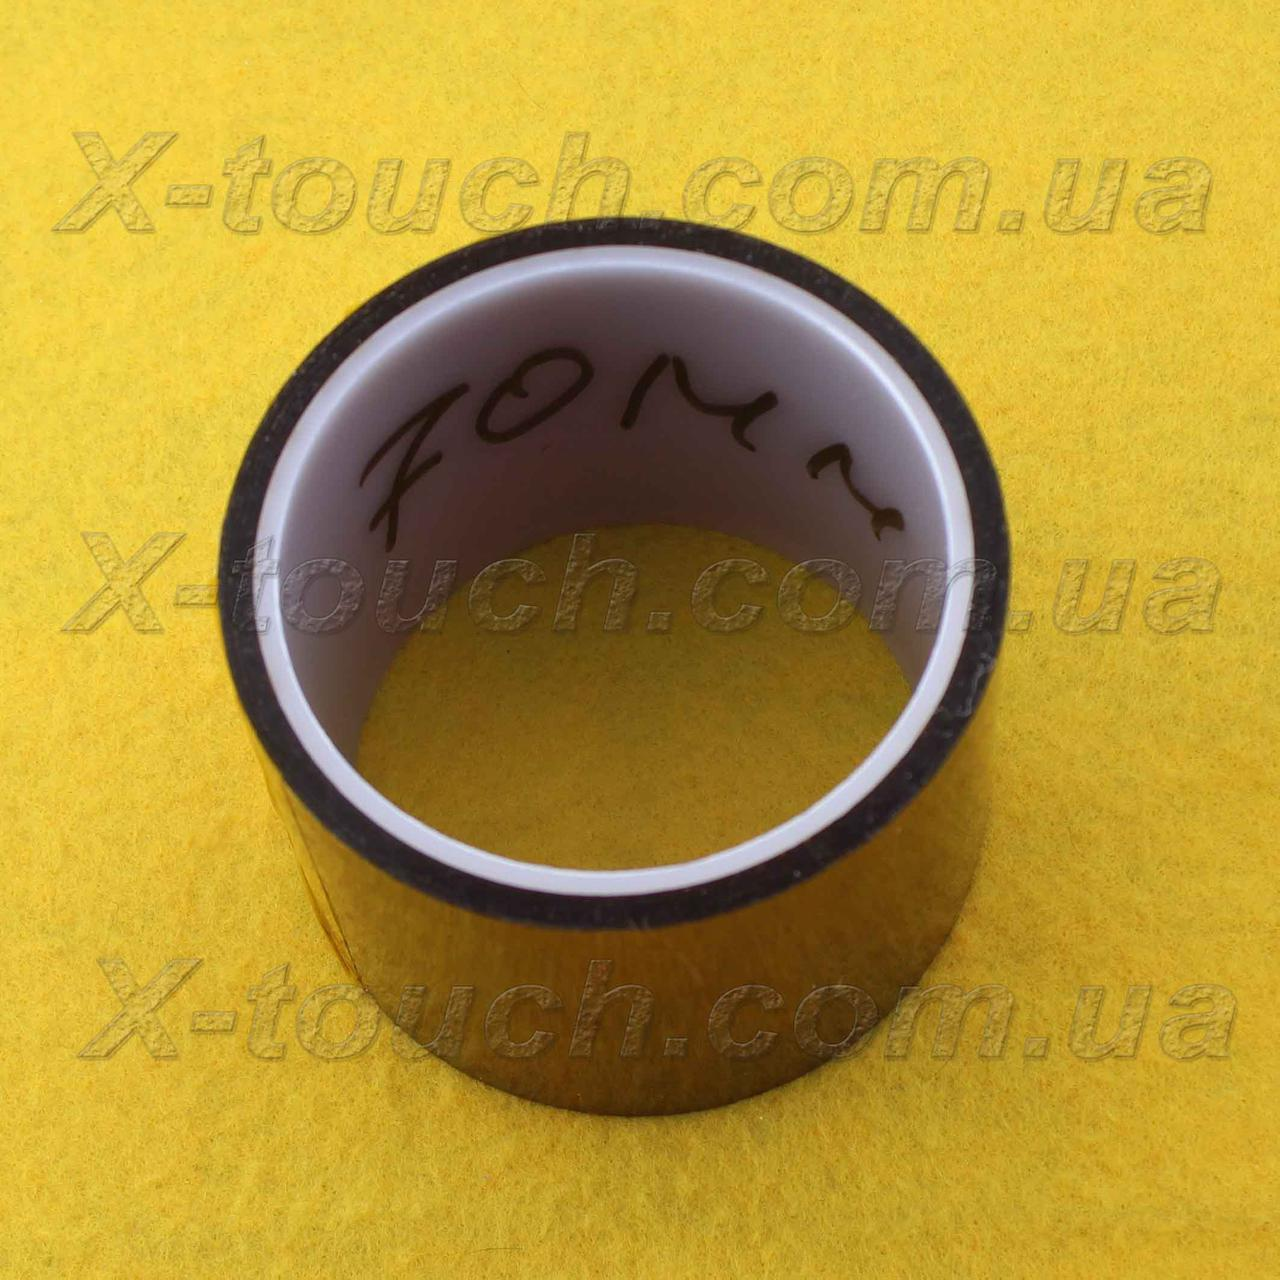 Каптоновая лента kapton, термостойкий скотч 70 мм